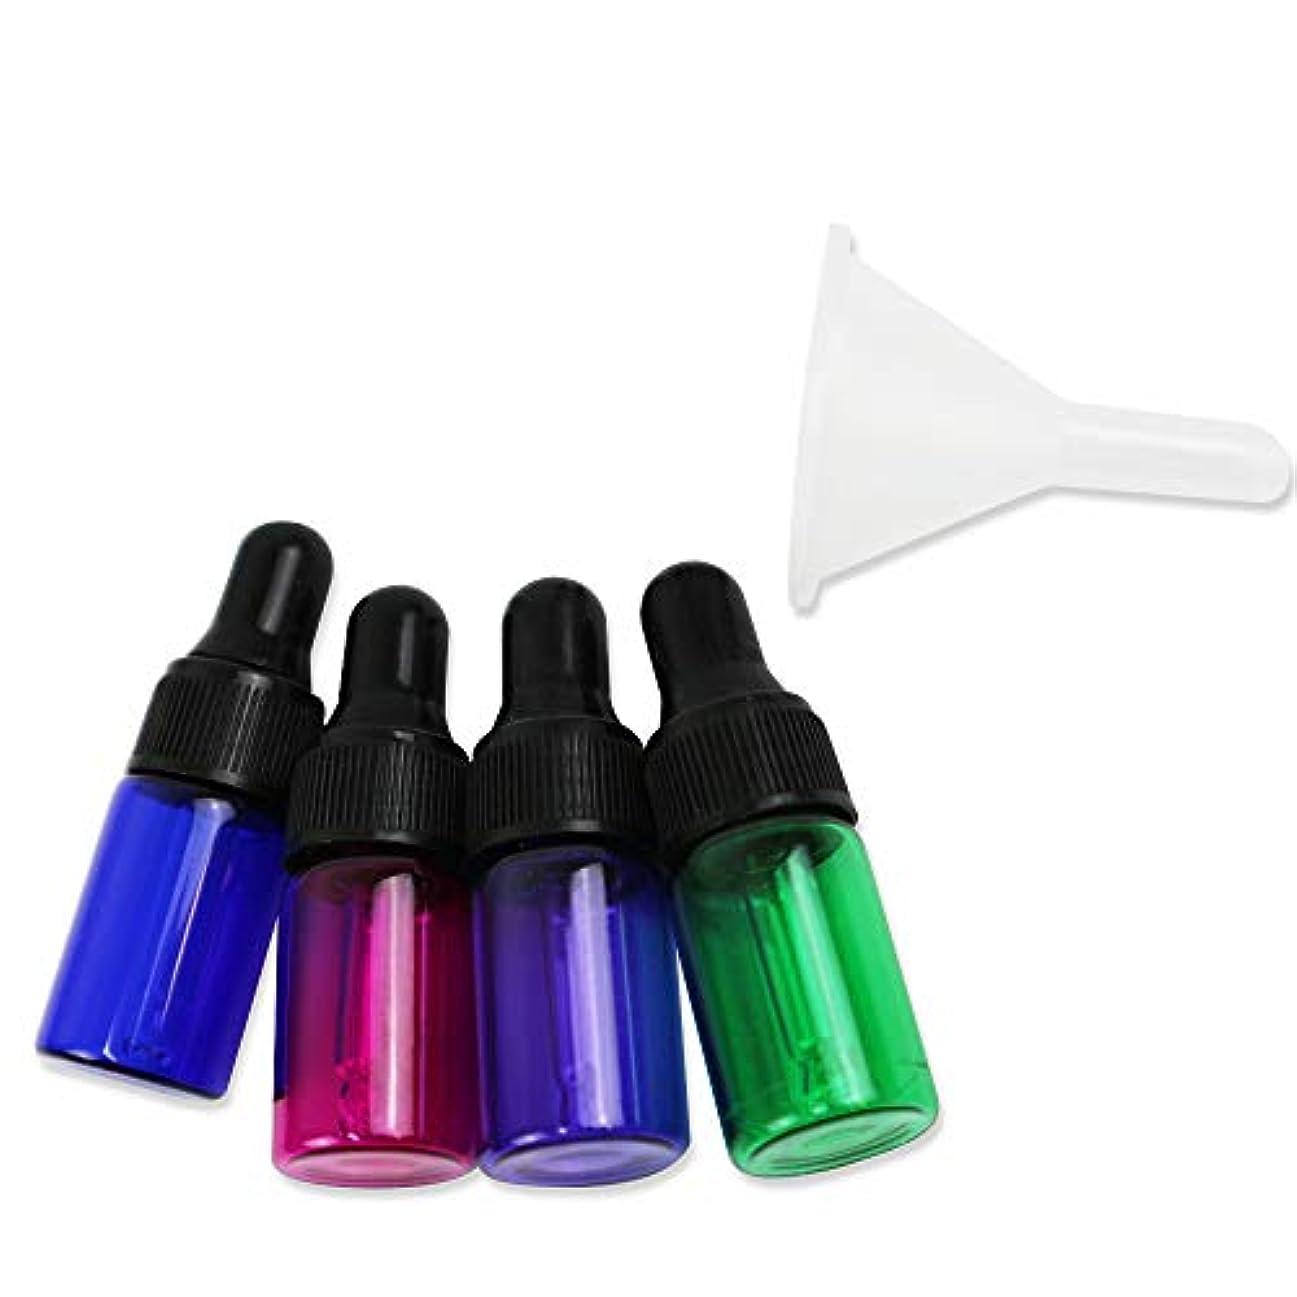 エール土器事業hiruiseki カラフル ミニ遮光瓶 3ml 4色セット ろうと付き アロマ 香水 詰め替え